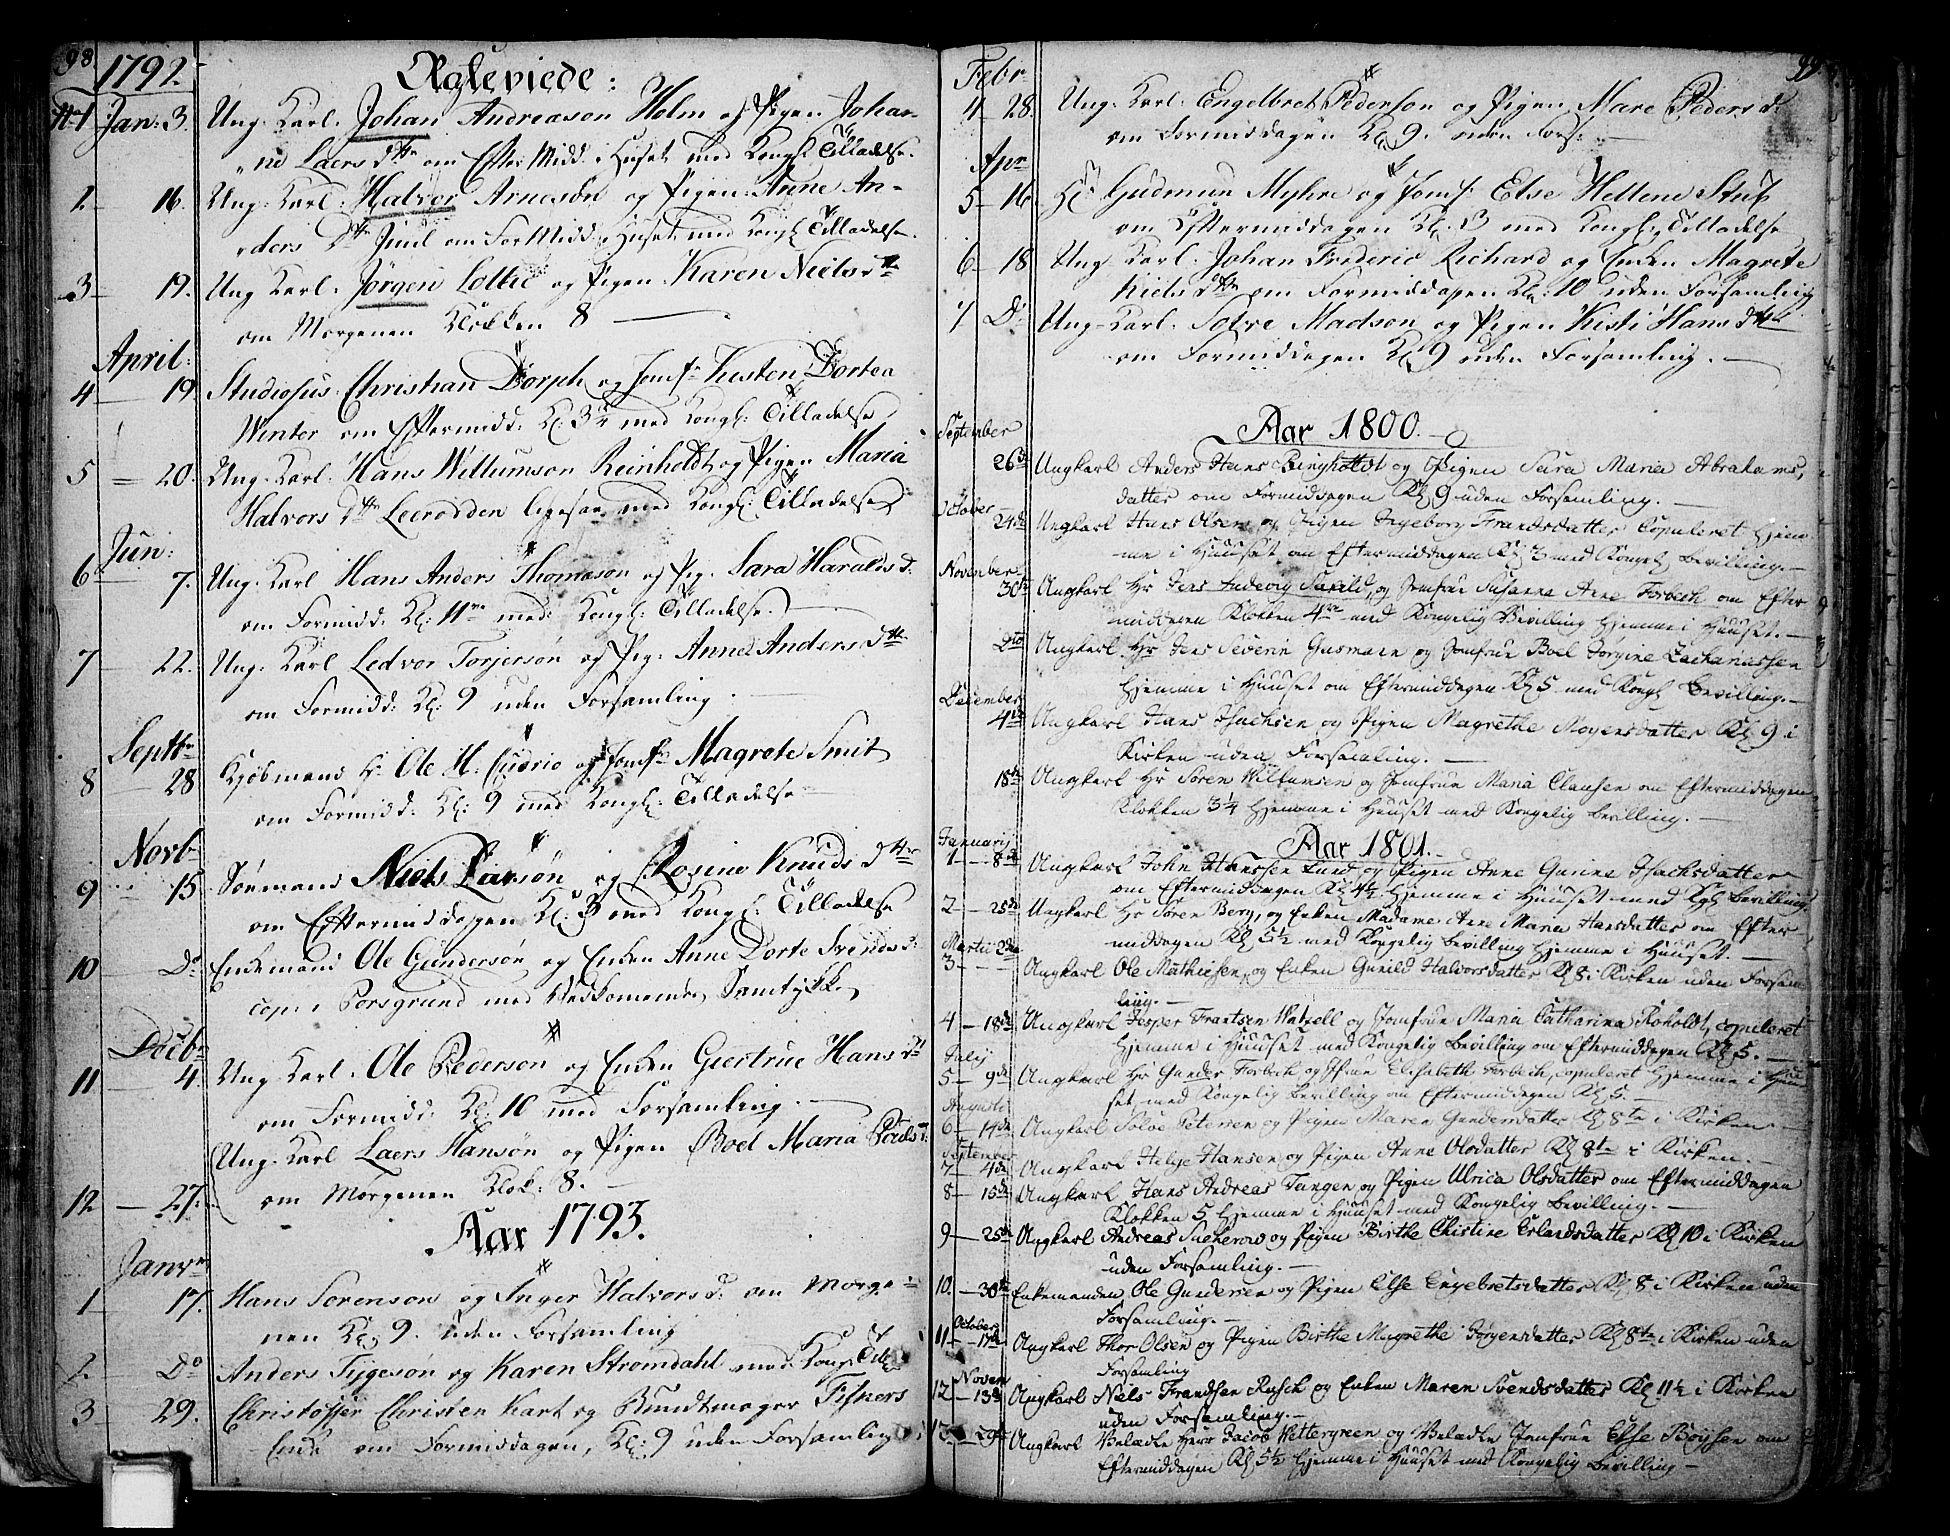 SAKO, Skien kirkebøker, F/Fa/L0004: Ministerialbok nr. 4, 1792-1814, s. 98-99